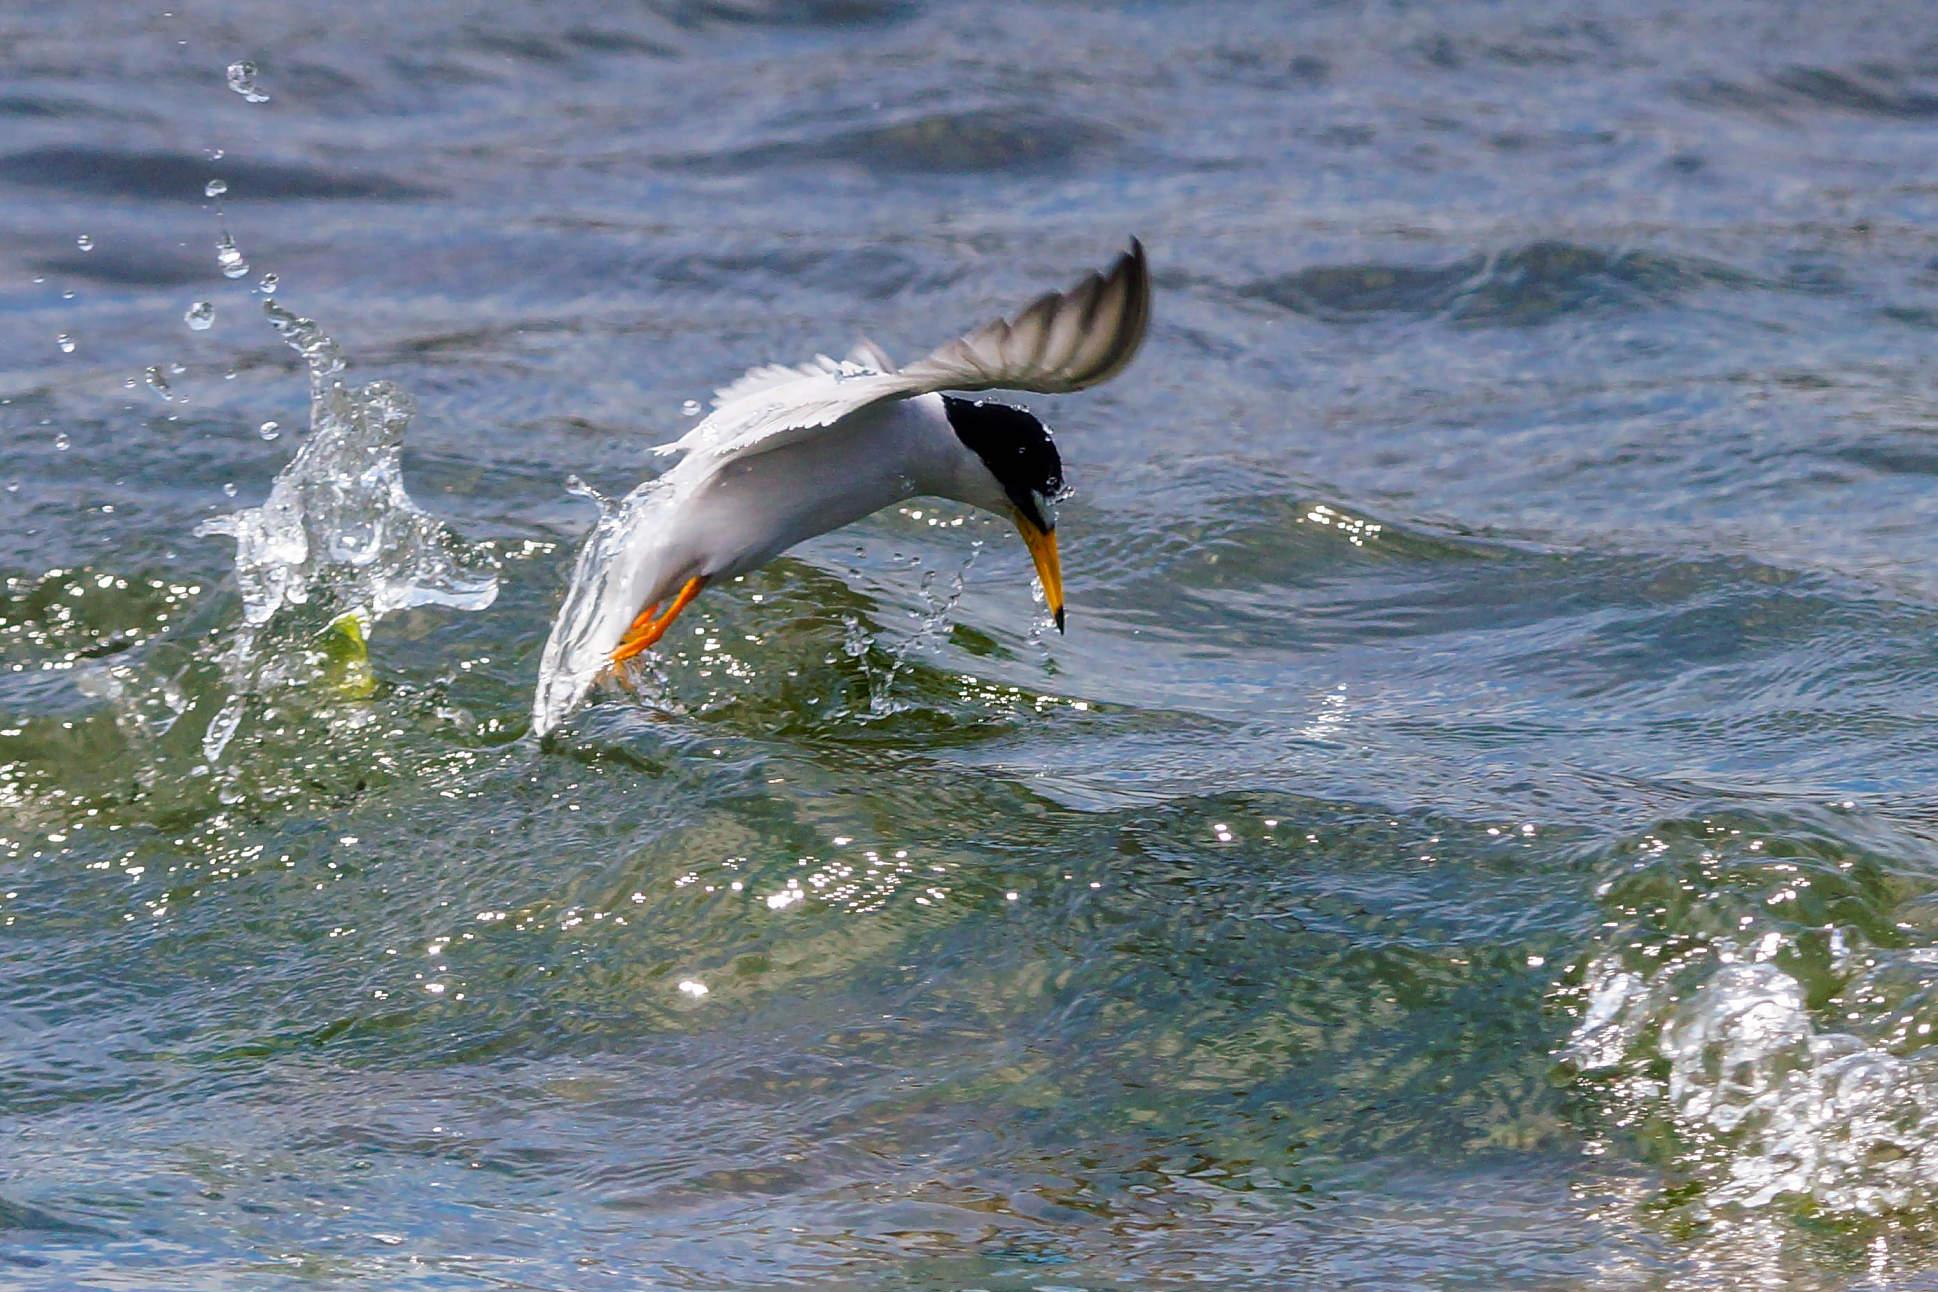 コアジサシのダイブ着水後の写真画像